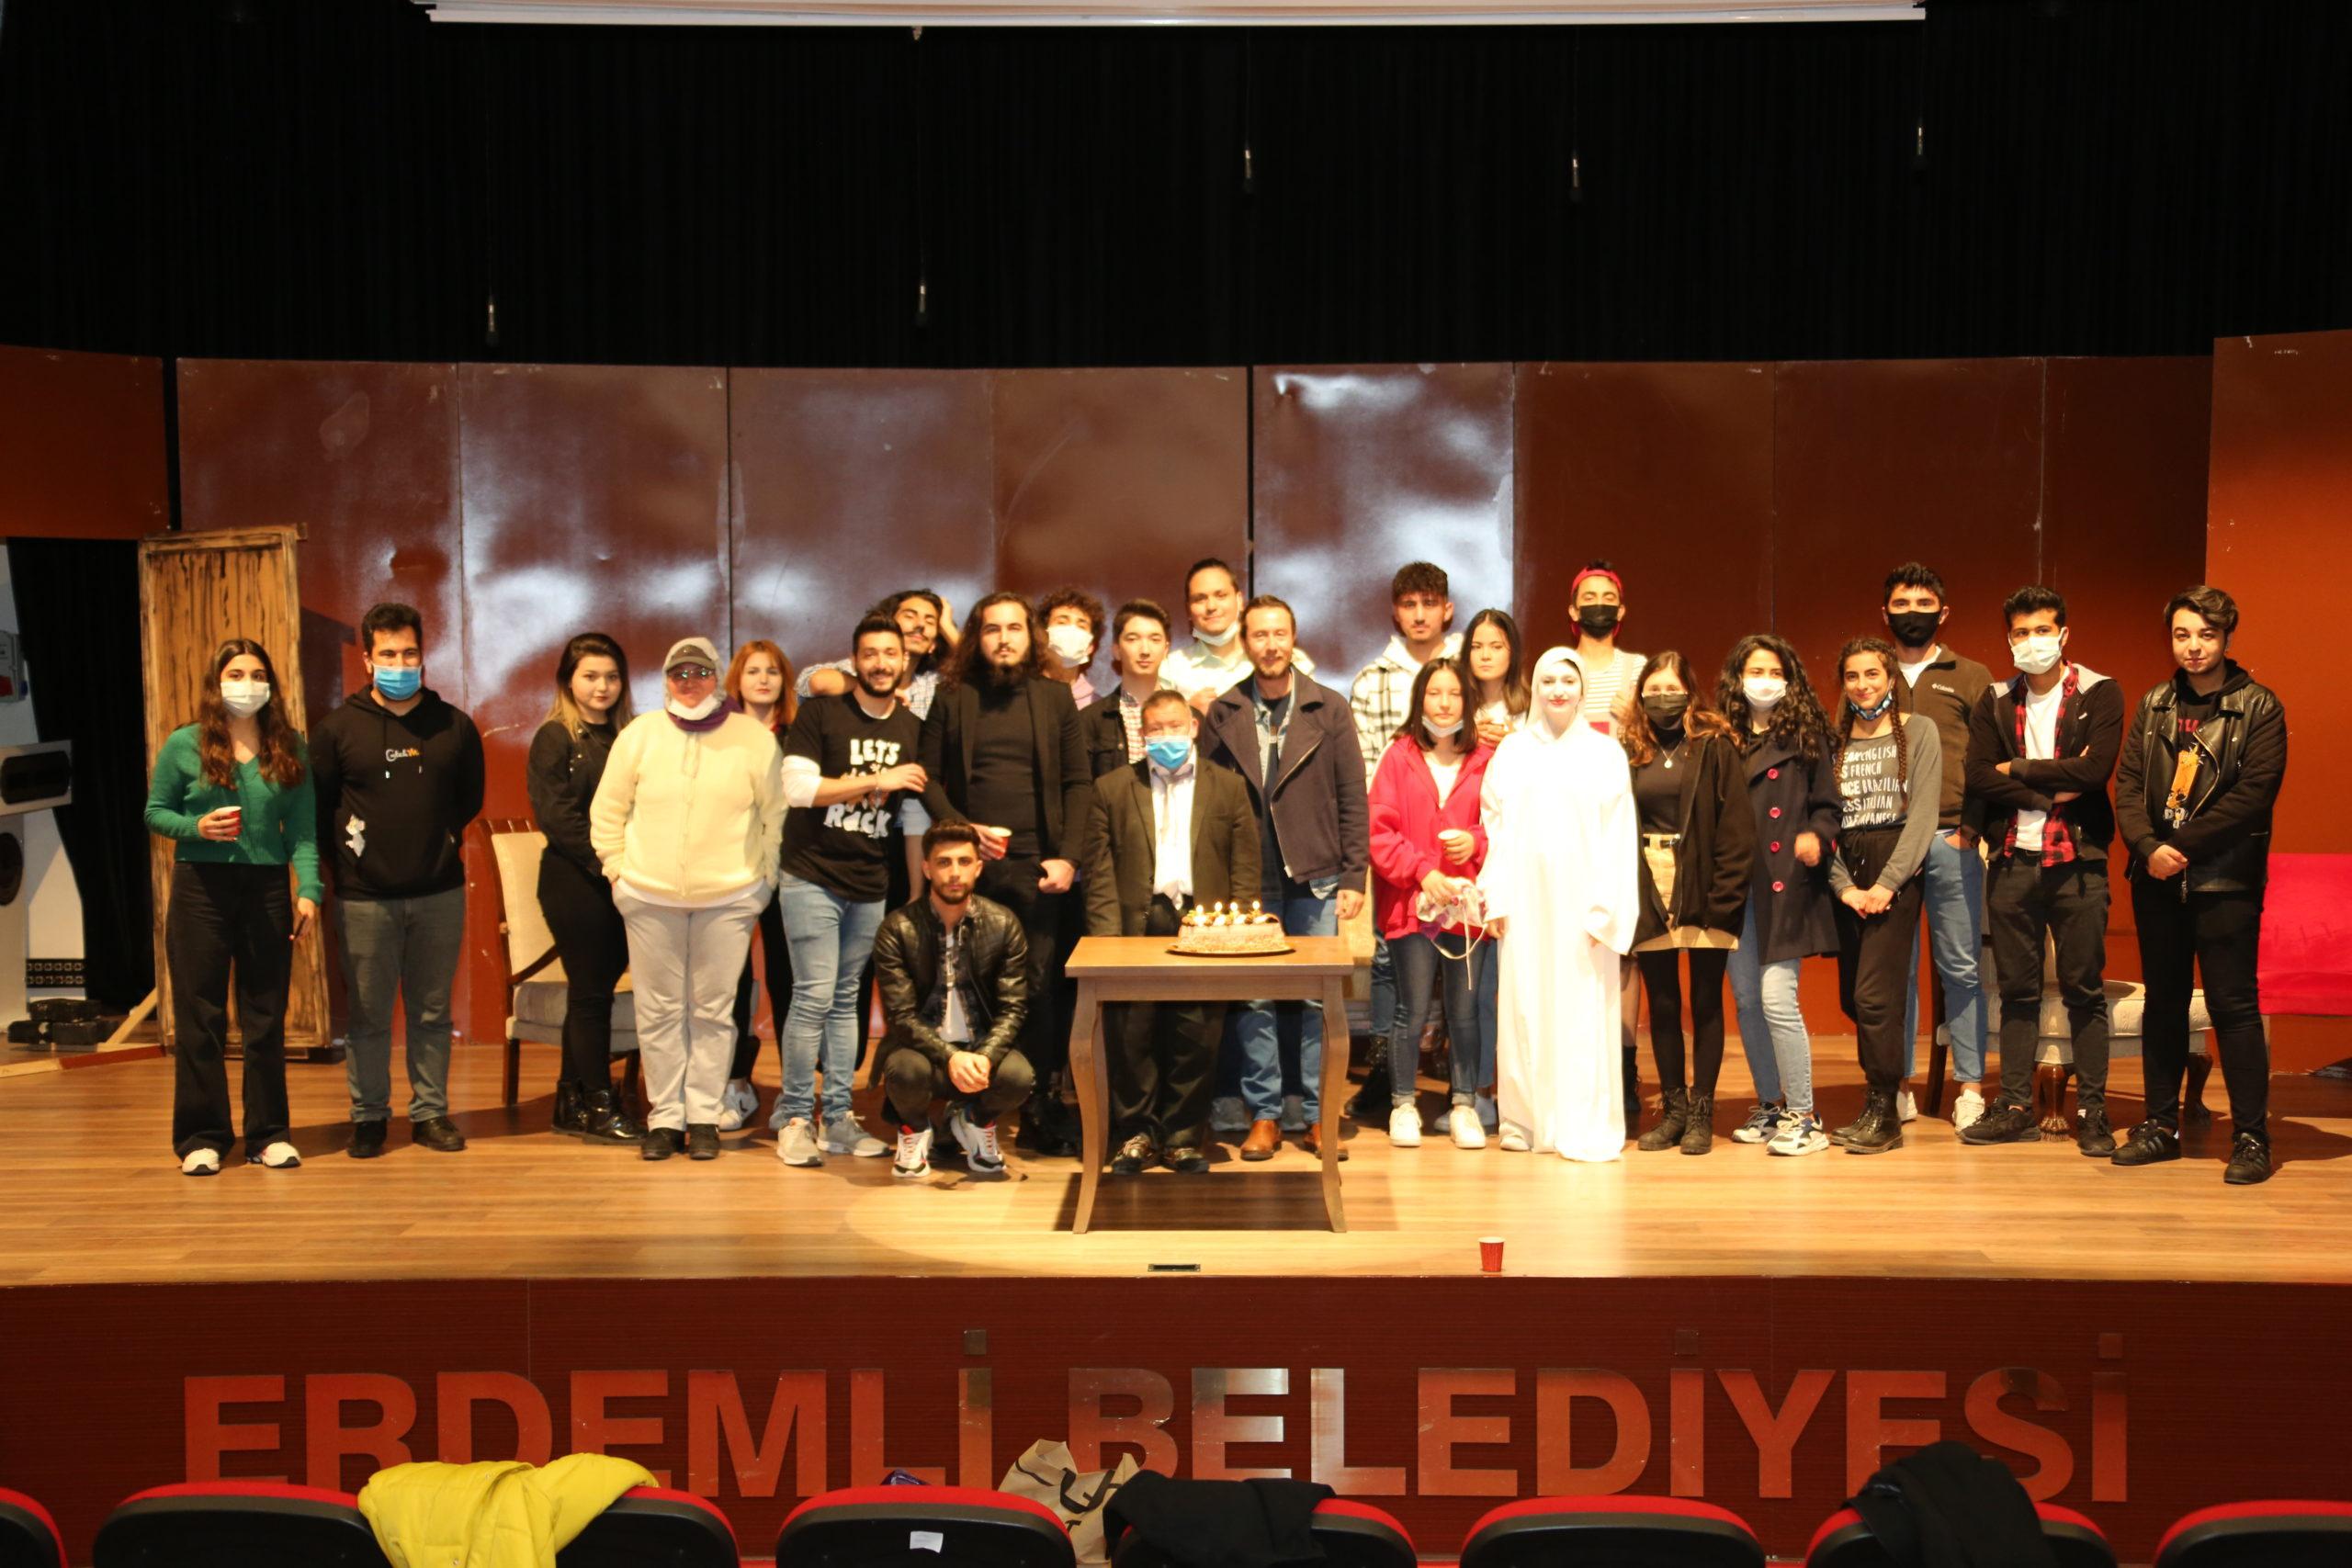 Erdemli'de Dünya Tiyatrolar Günü: Gönüllerin Başkanı Down Sendromlu Mehmet Ali Şavk'a Özel Oyun